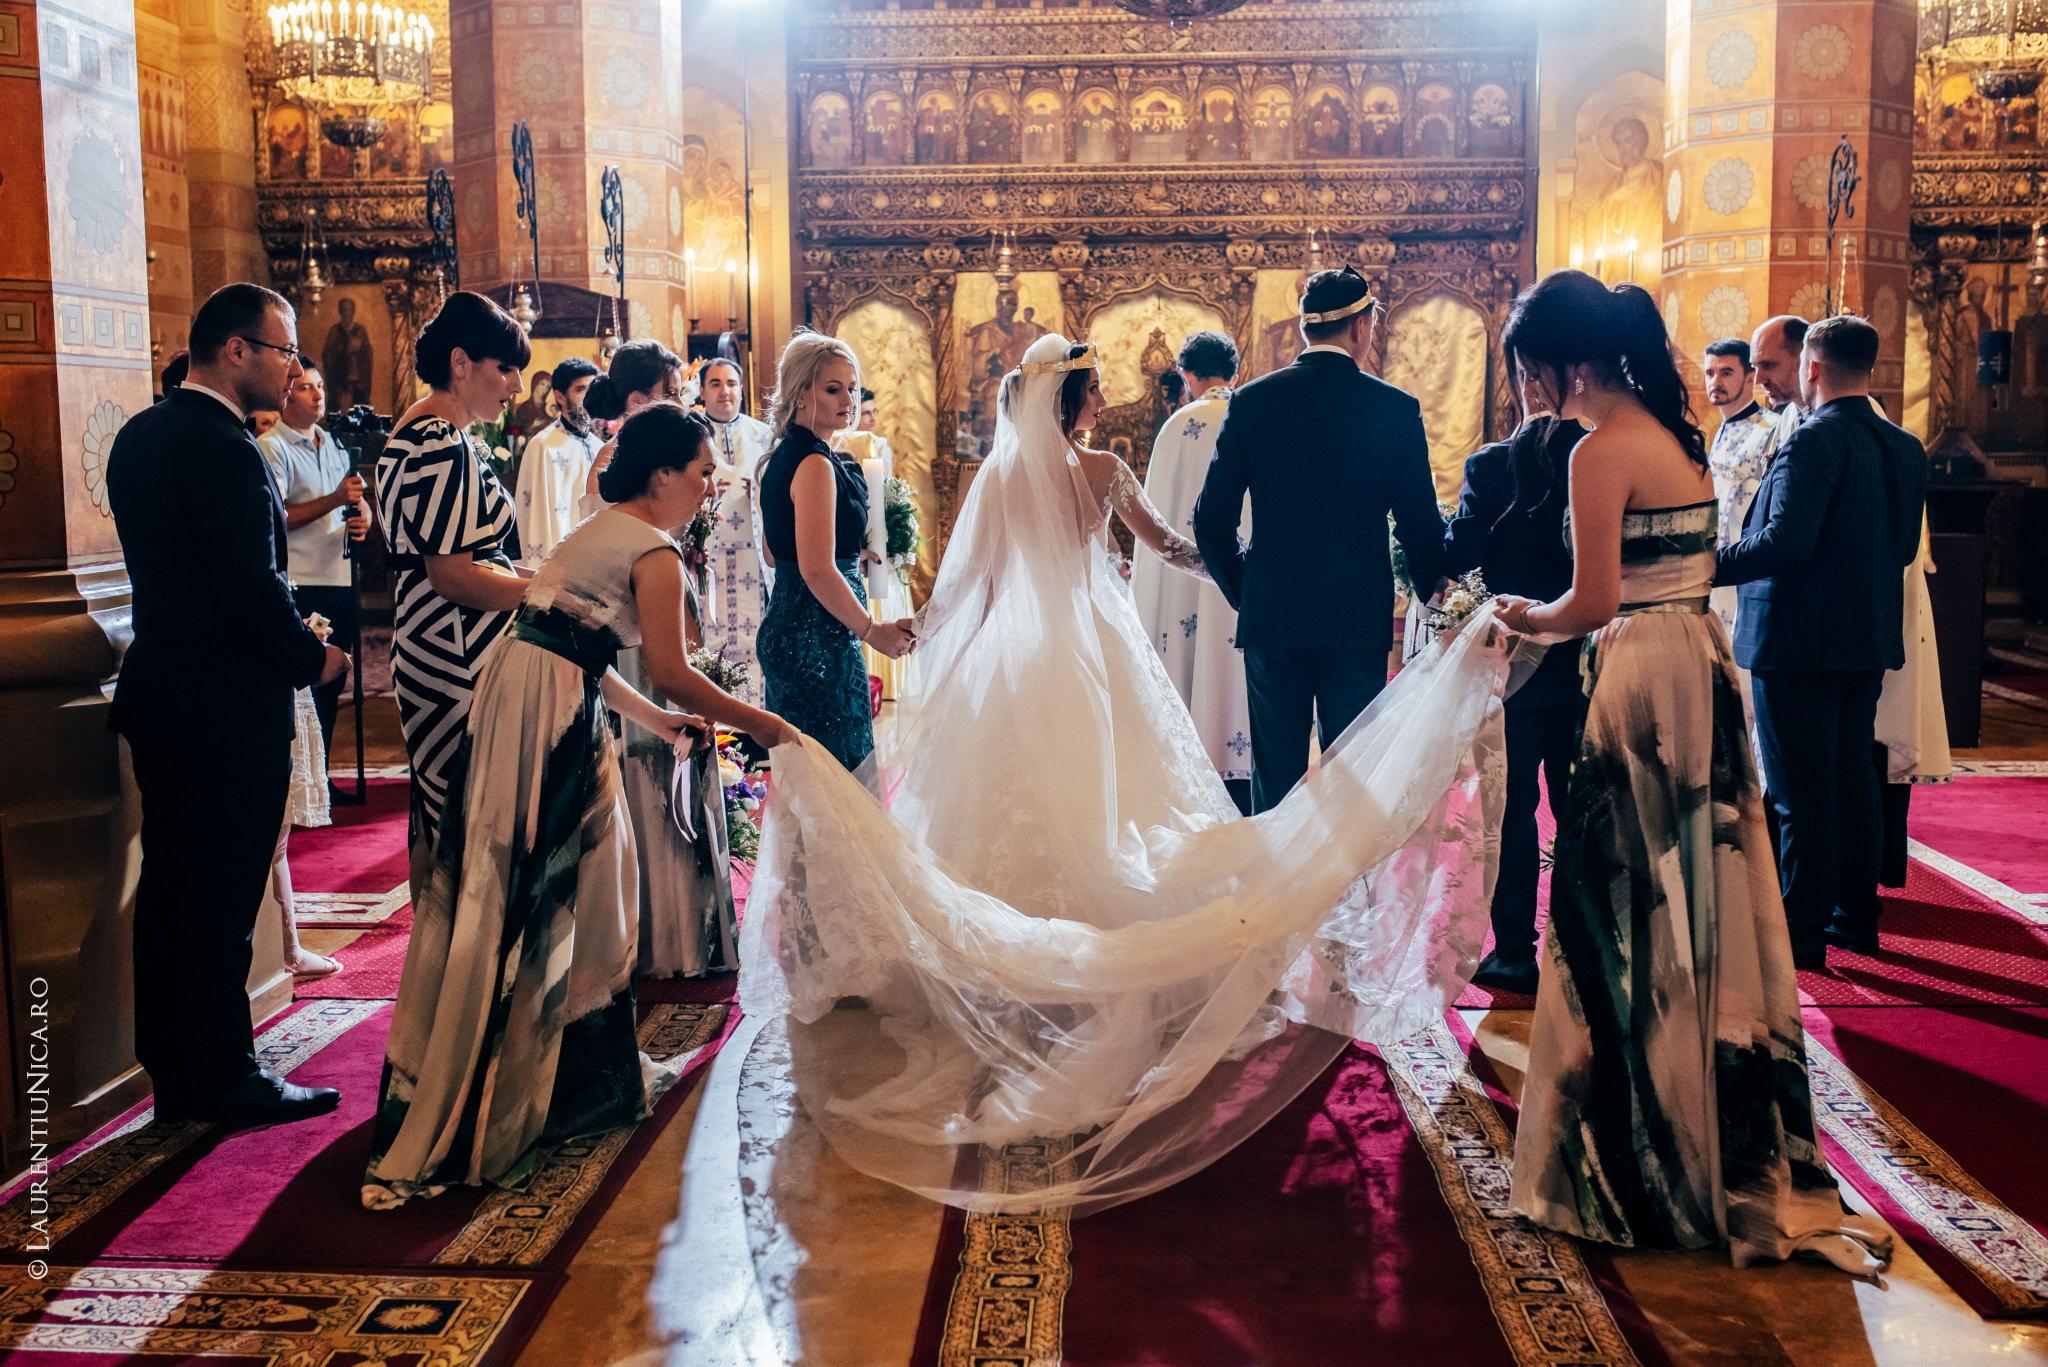 fotografii nunta denisa si florin craiova 27 - Denisa & Florin | Fotografii nunta | Craiova